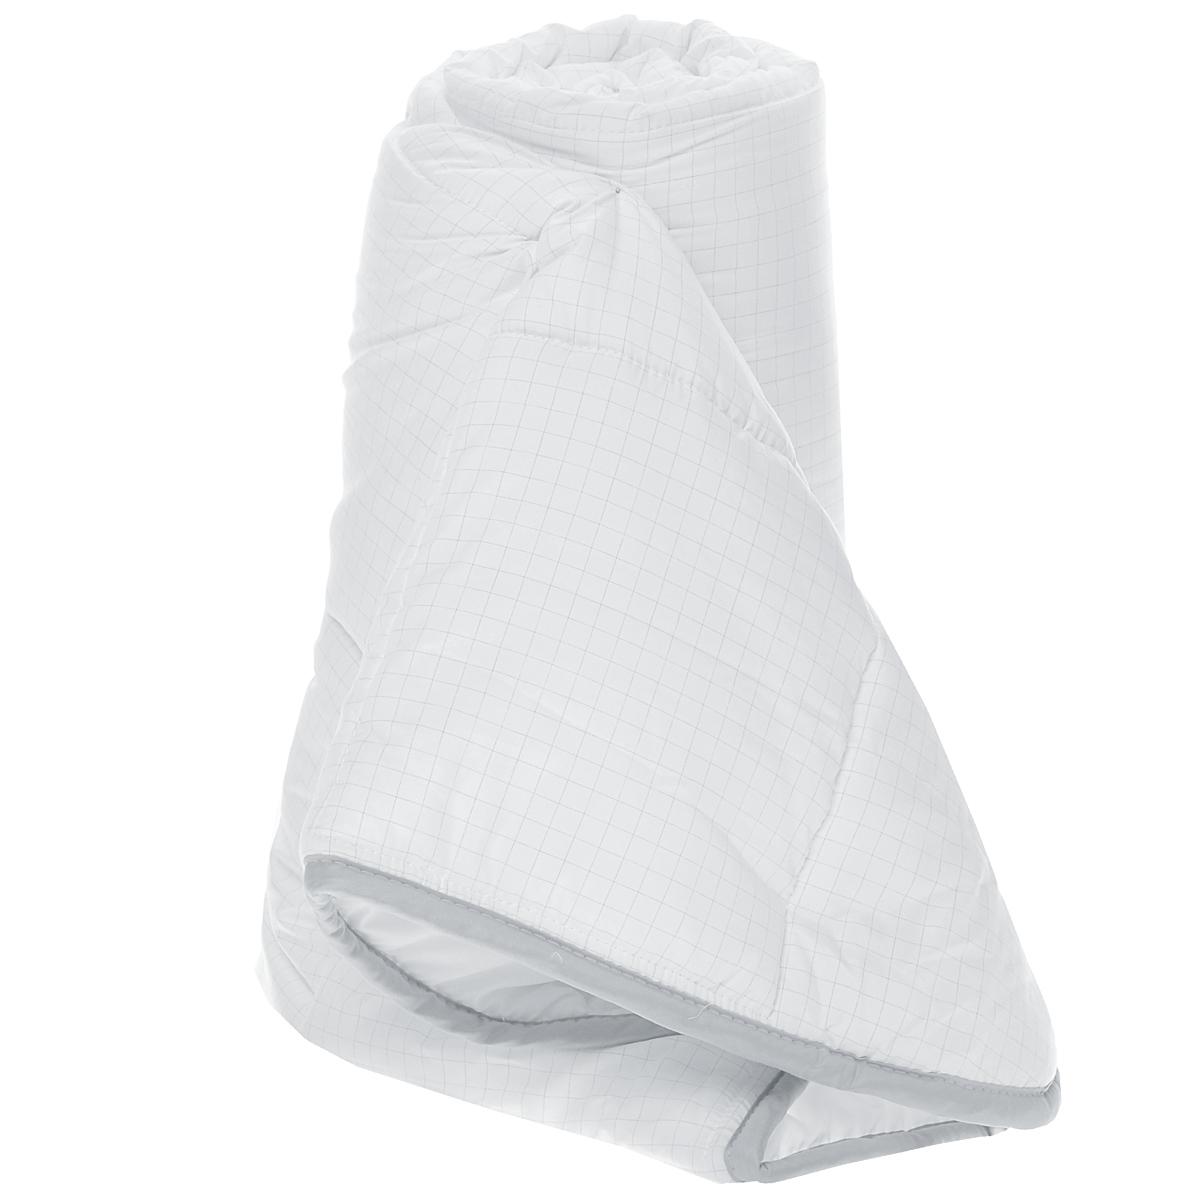 Одеяло Comfort Line Антистресс, классическое, наполнитель: полиэстер, 200 х 220 см174357